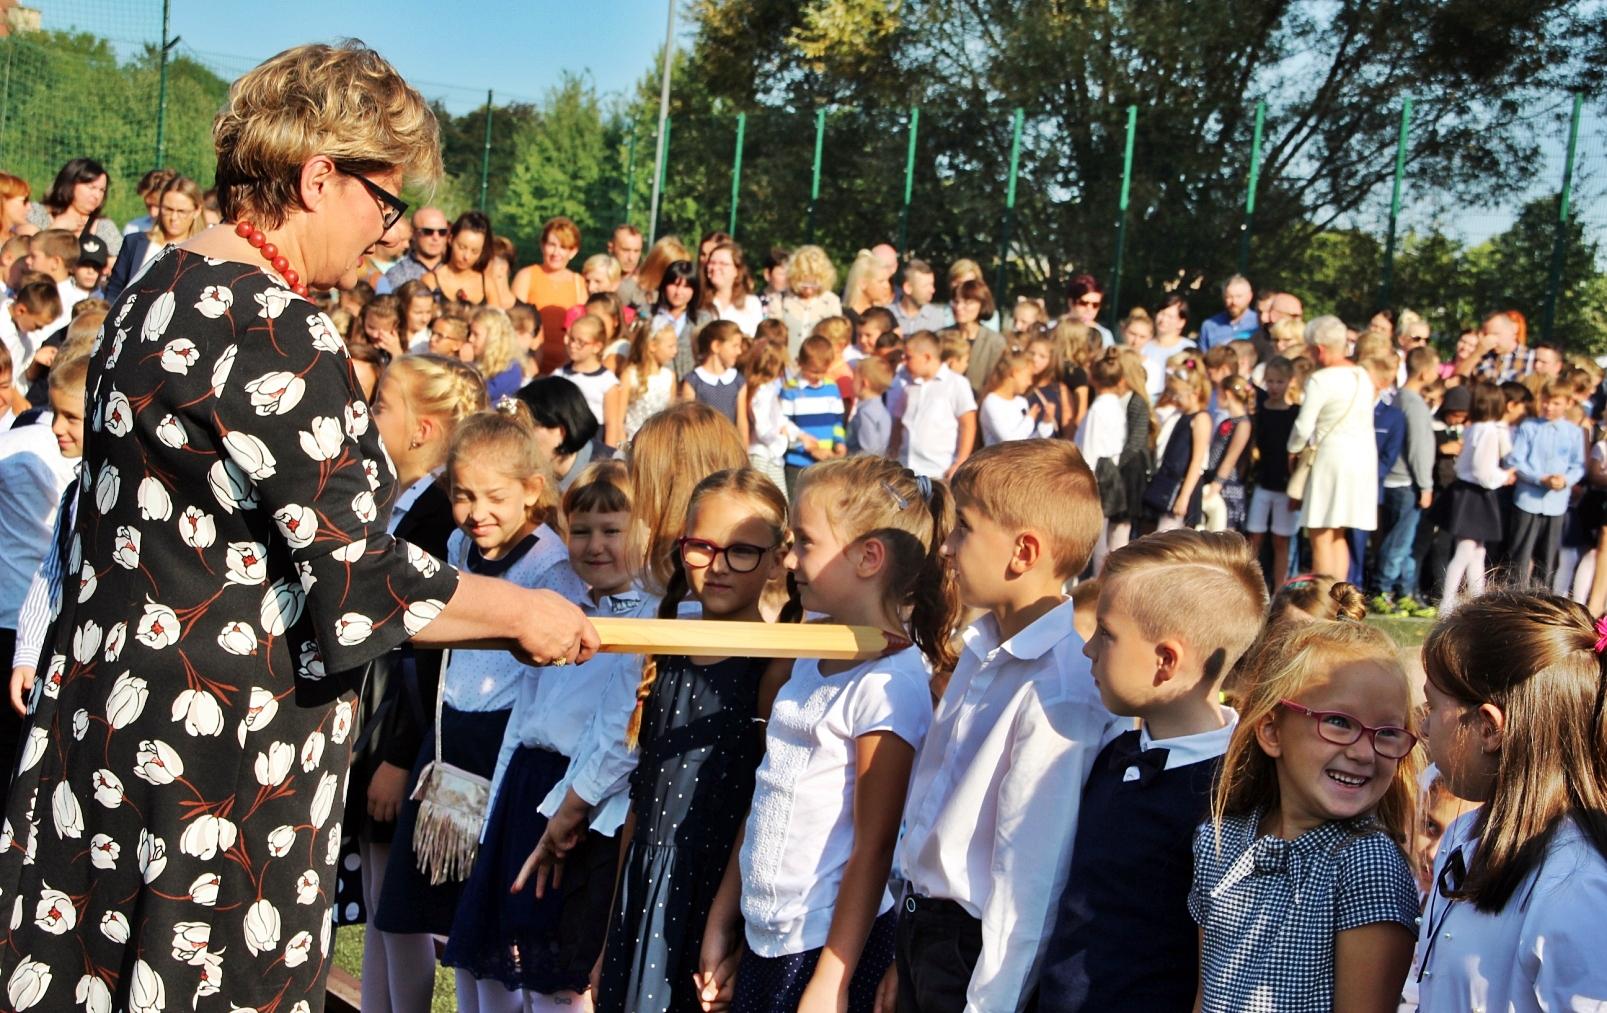 Koniec wakacji, uczniowie wrócili do szkół, Miasto Białogard